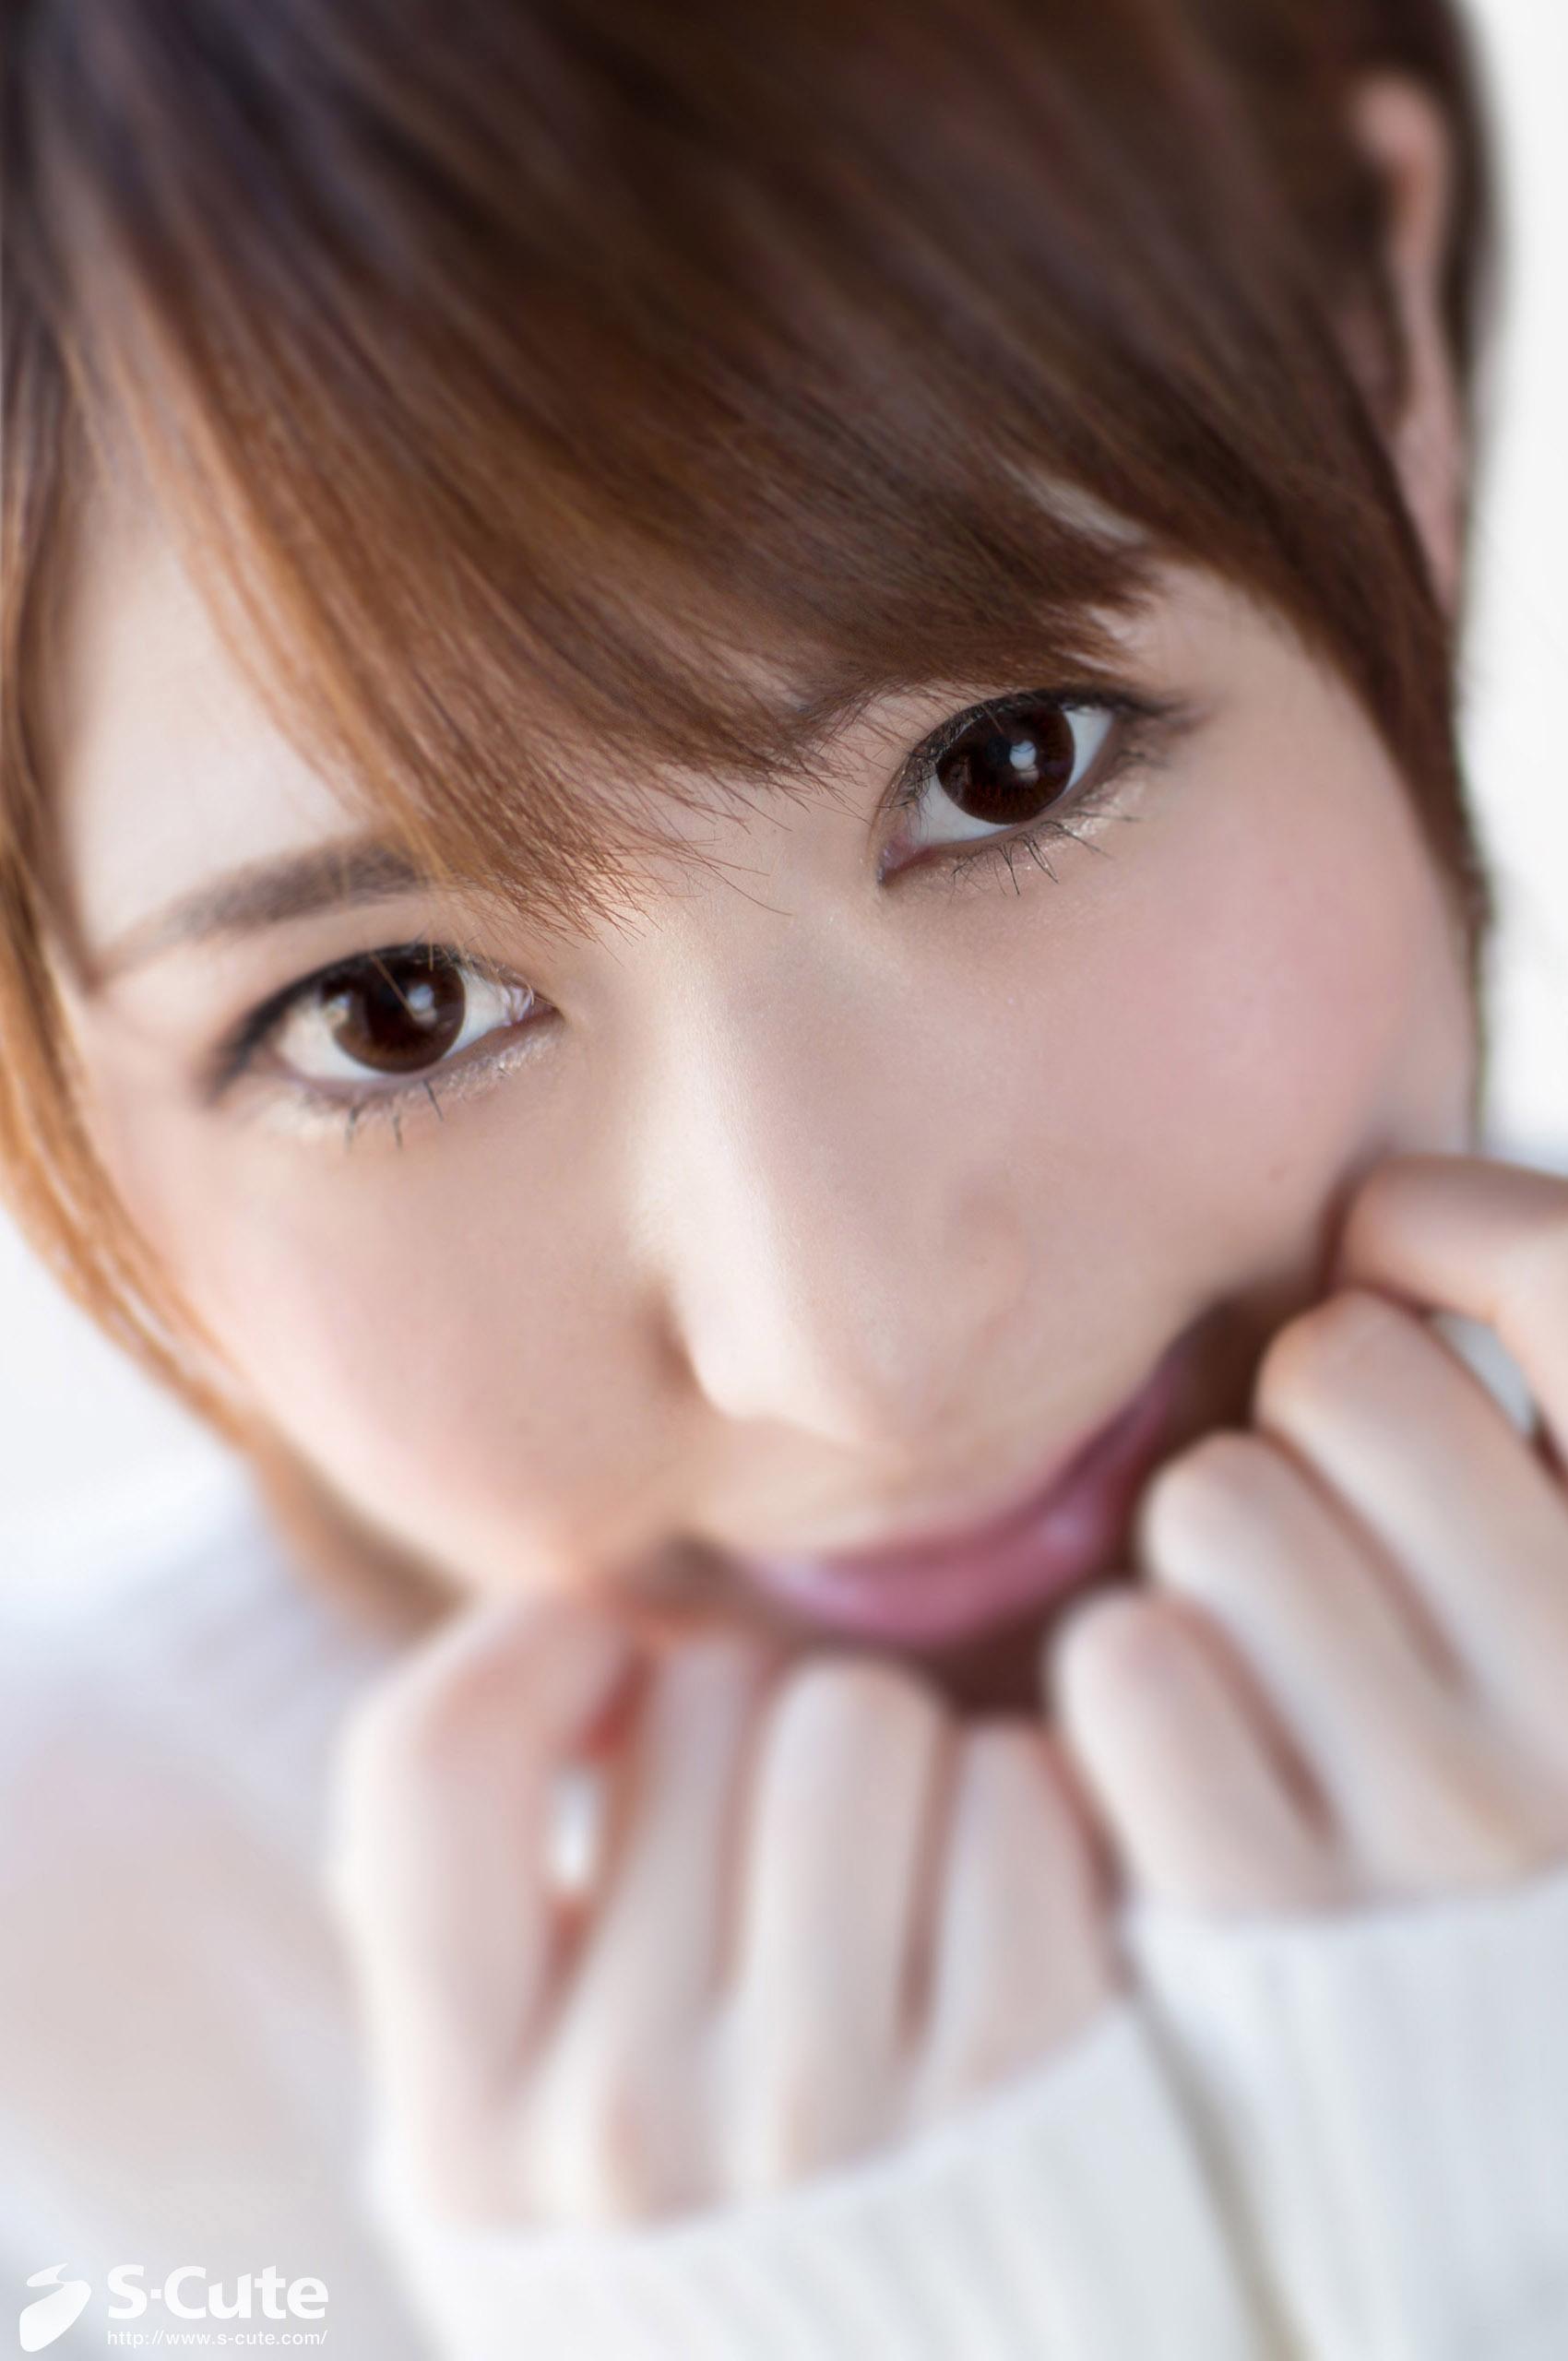 [S-Cute] 2017.05.22 No.514_Miyuki #2 言葉より身体で感じる感覚的なセックス [52P23.4M]